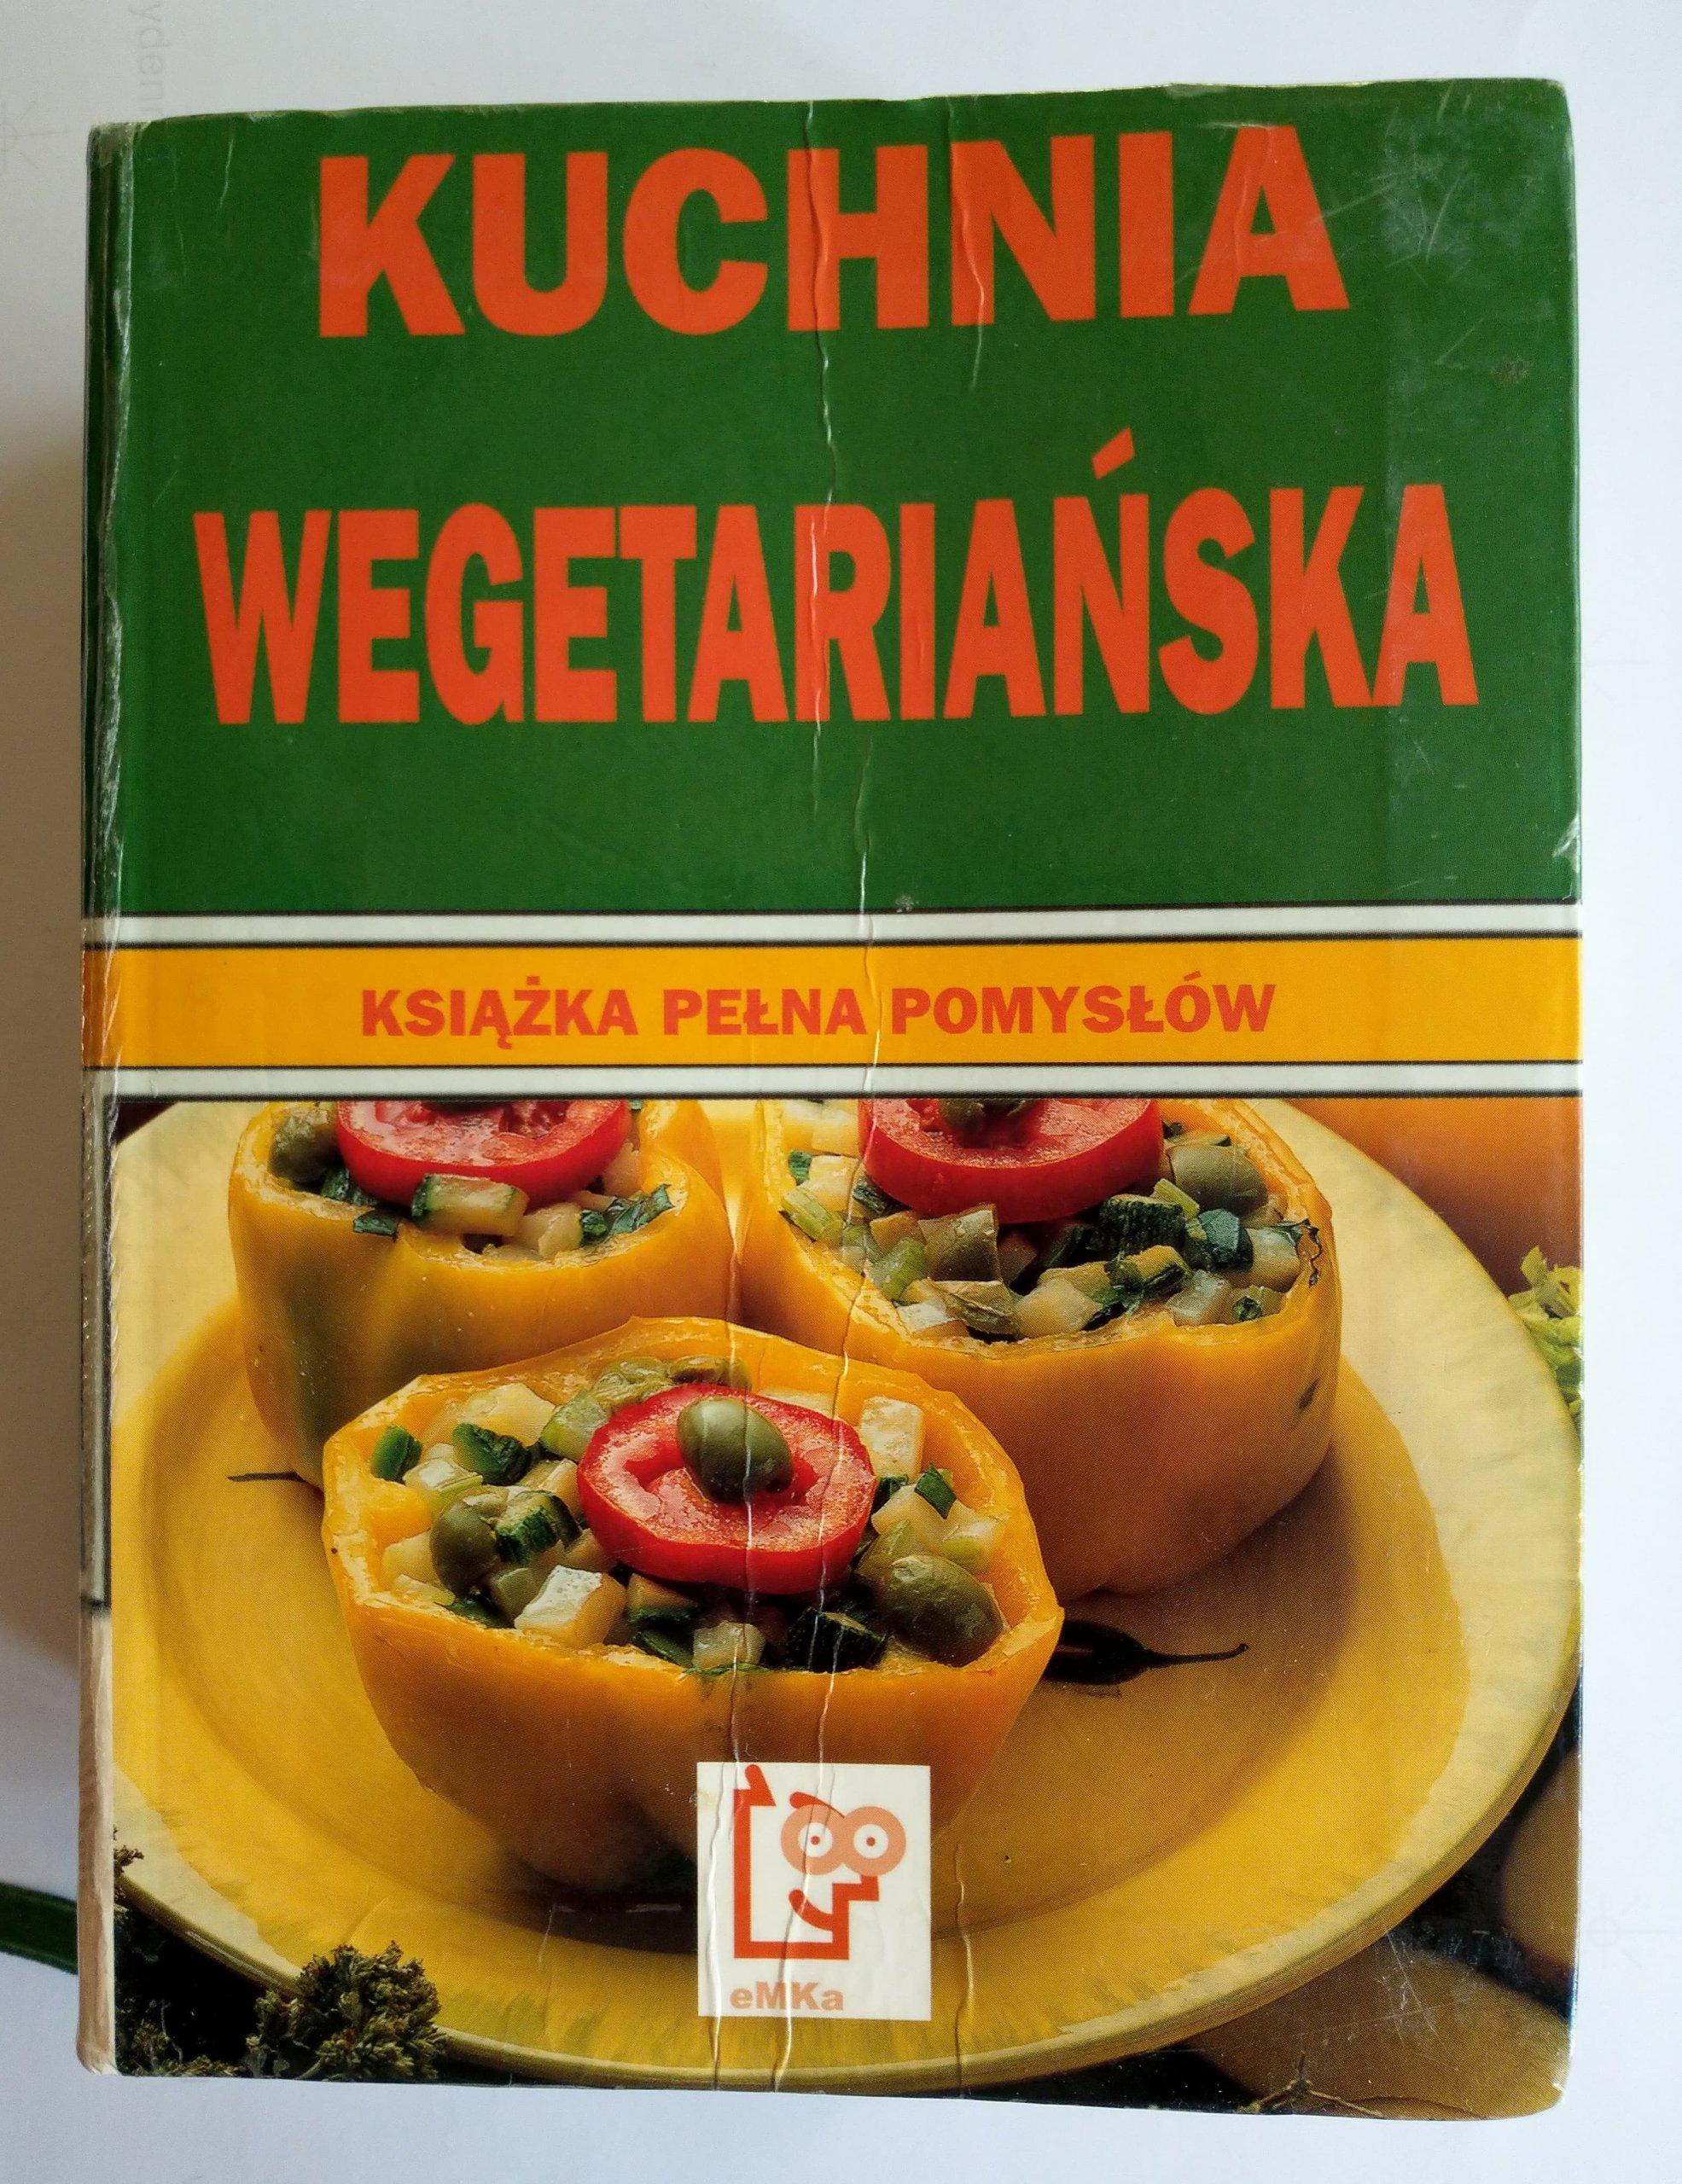 Kuchnia Wegetariańska Książka Pełna Pomysłów 7277590893